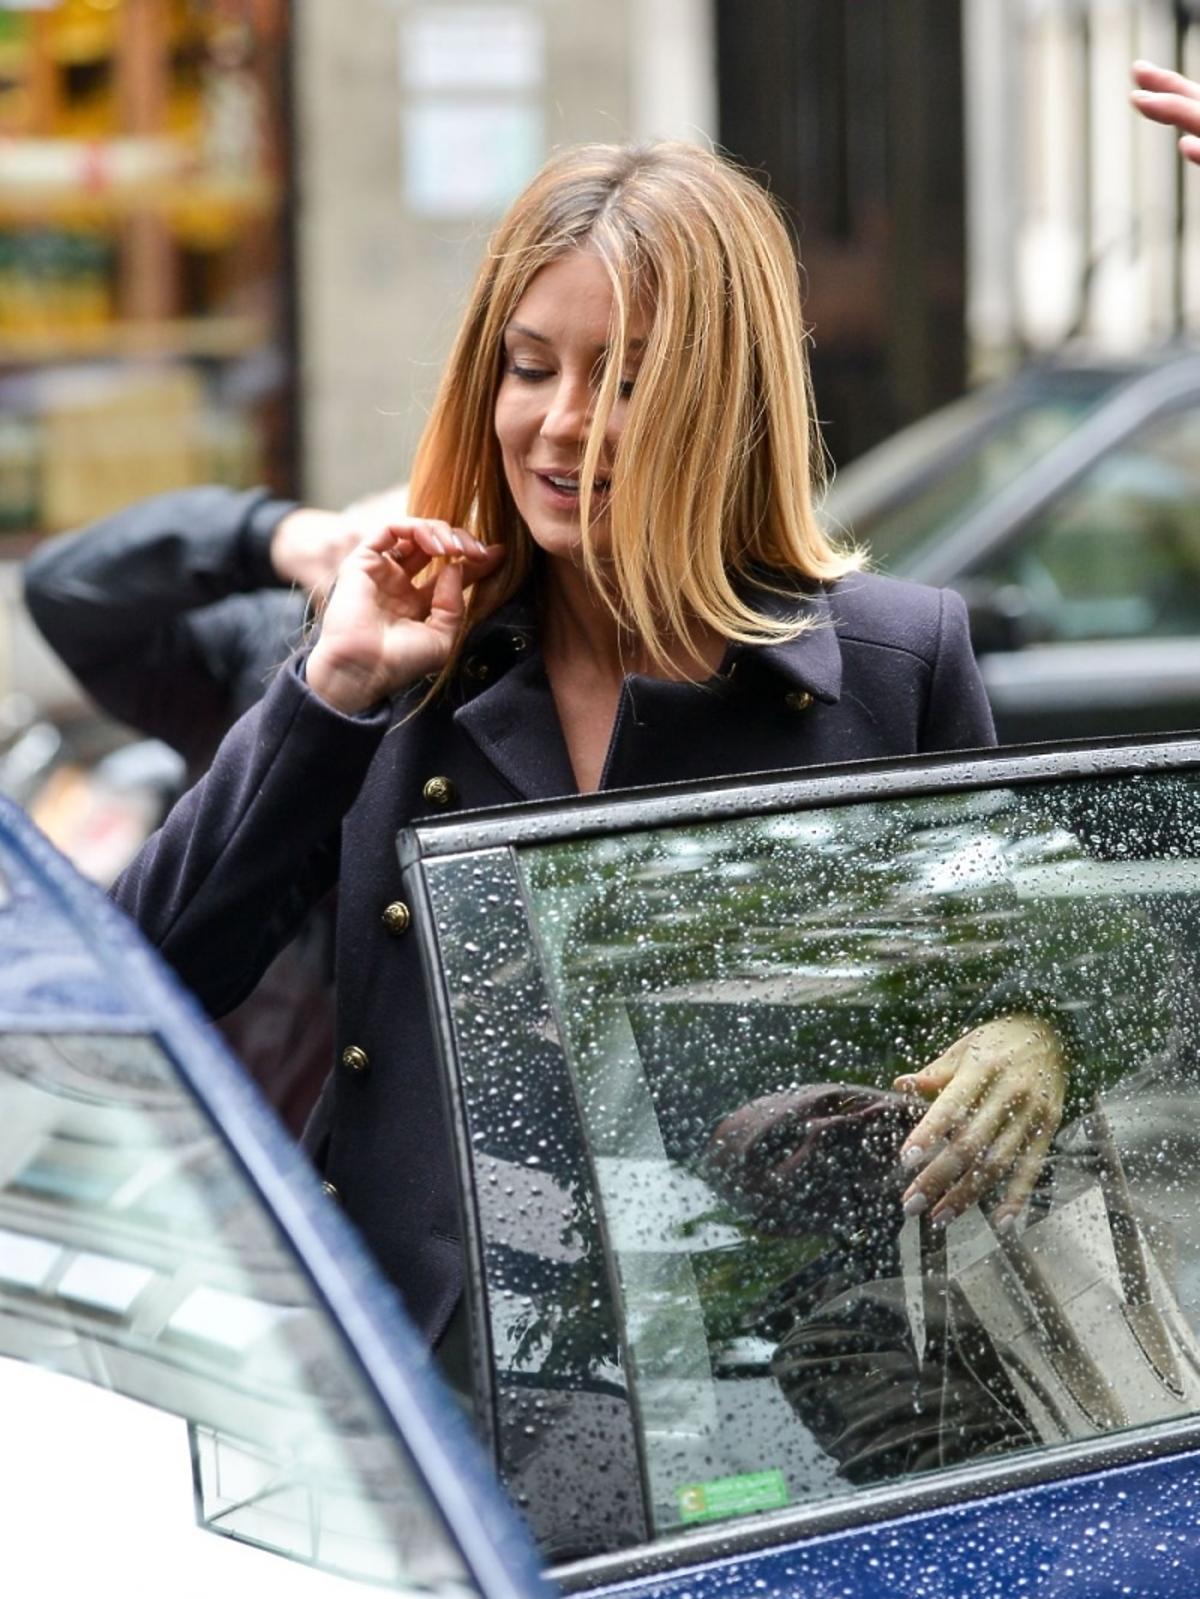 Małgorzata Rozenek wchodzi do samochodu pod studiem Dzień dobry TVN